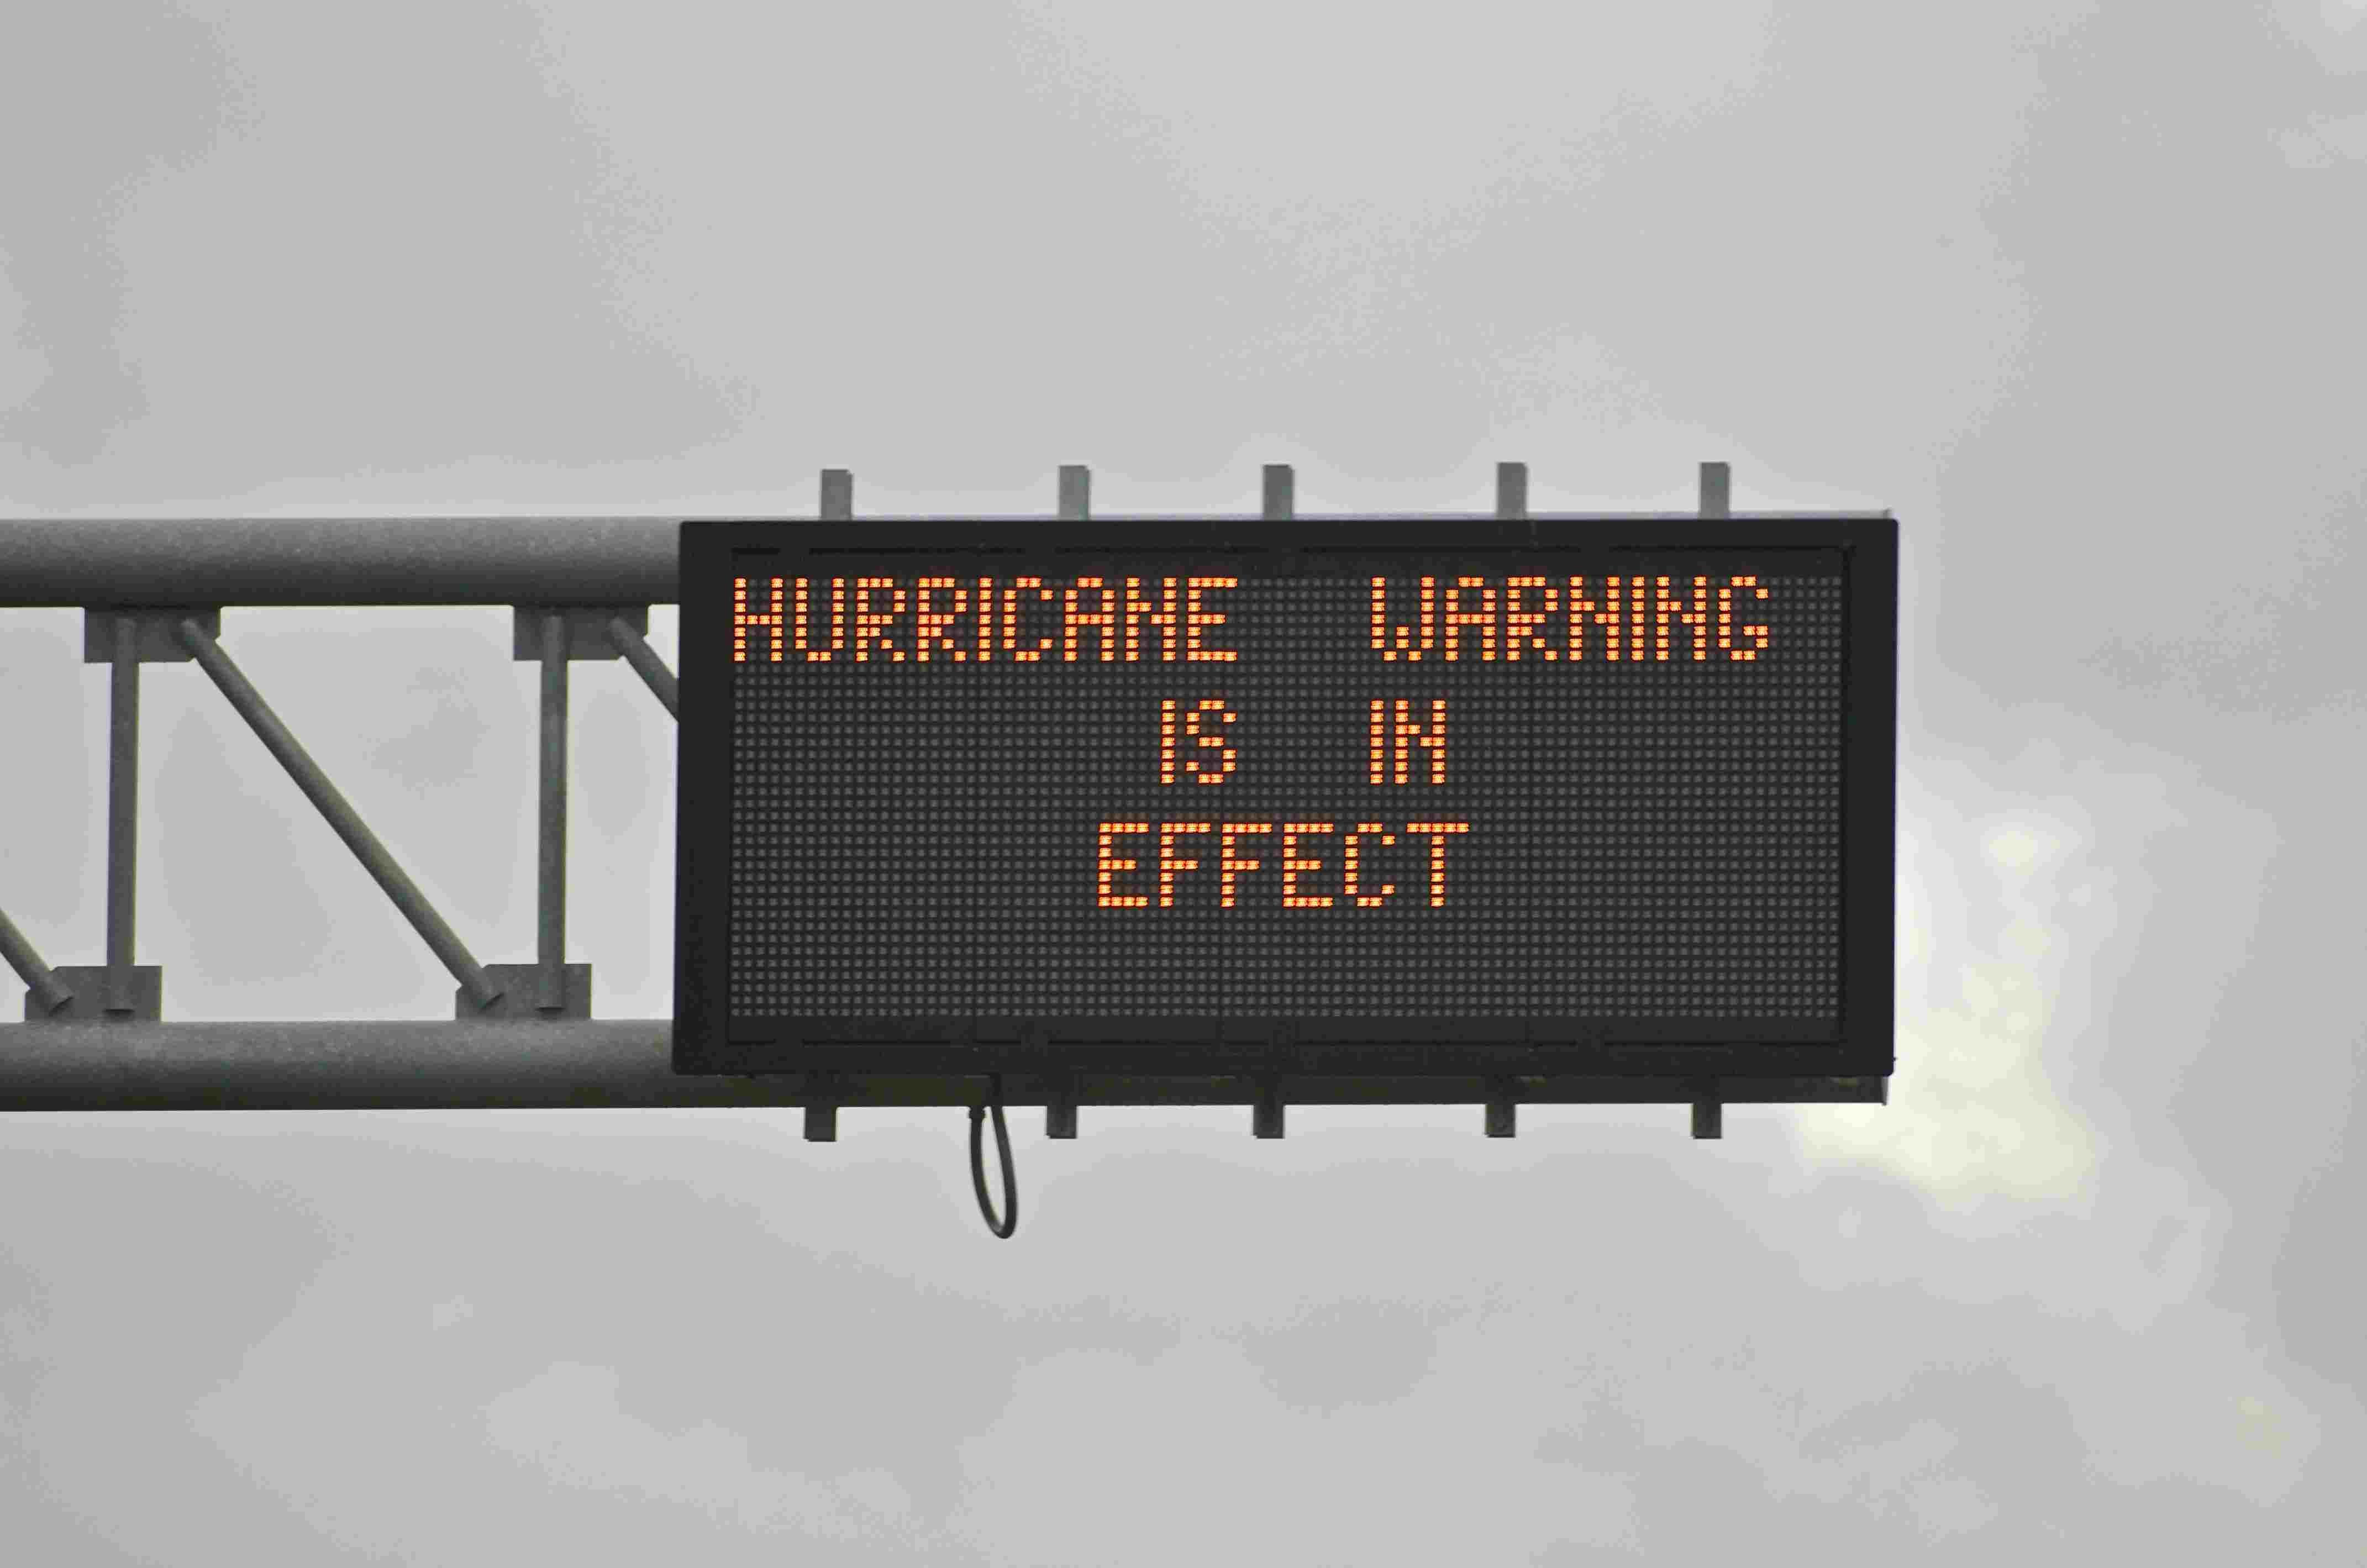 Highway sign displaying Hurricane Warning